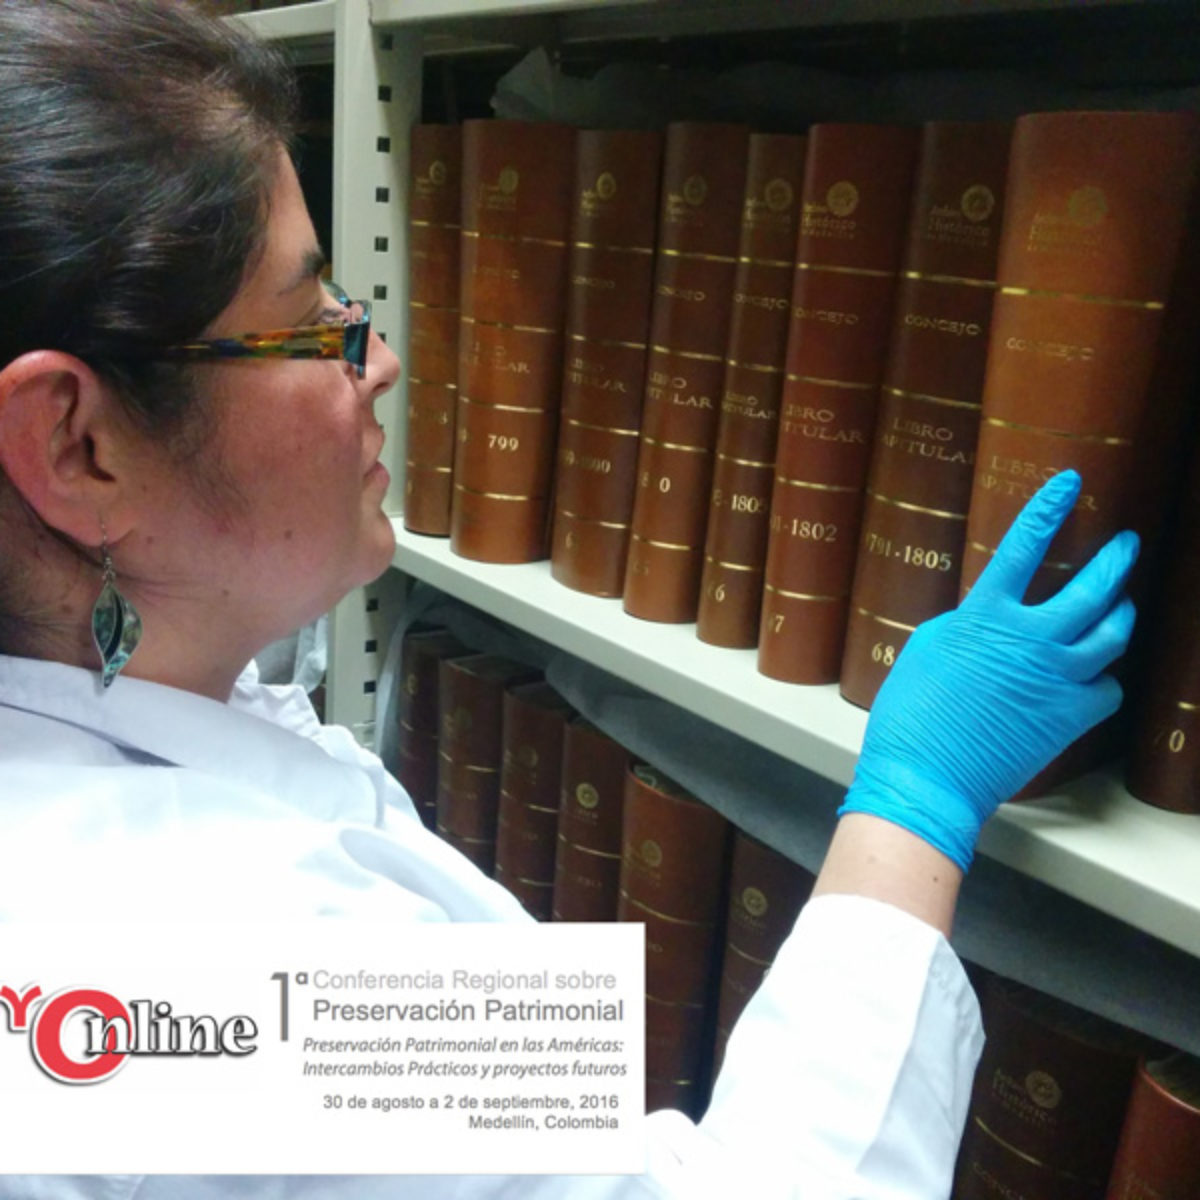 Archivo Histórico de Medellín en Conferencia Regional de Preservación